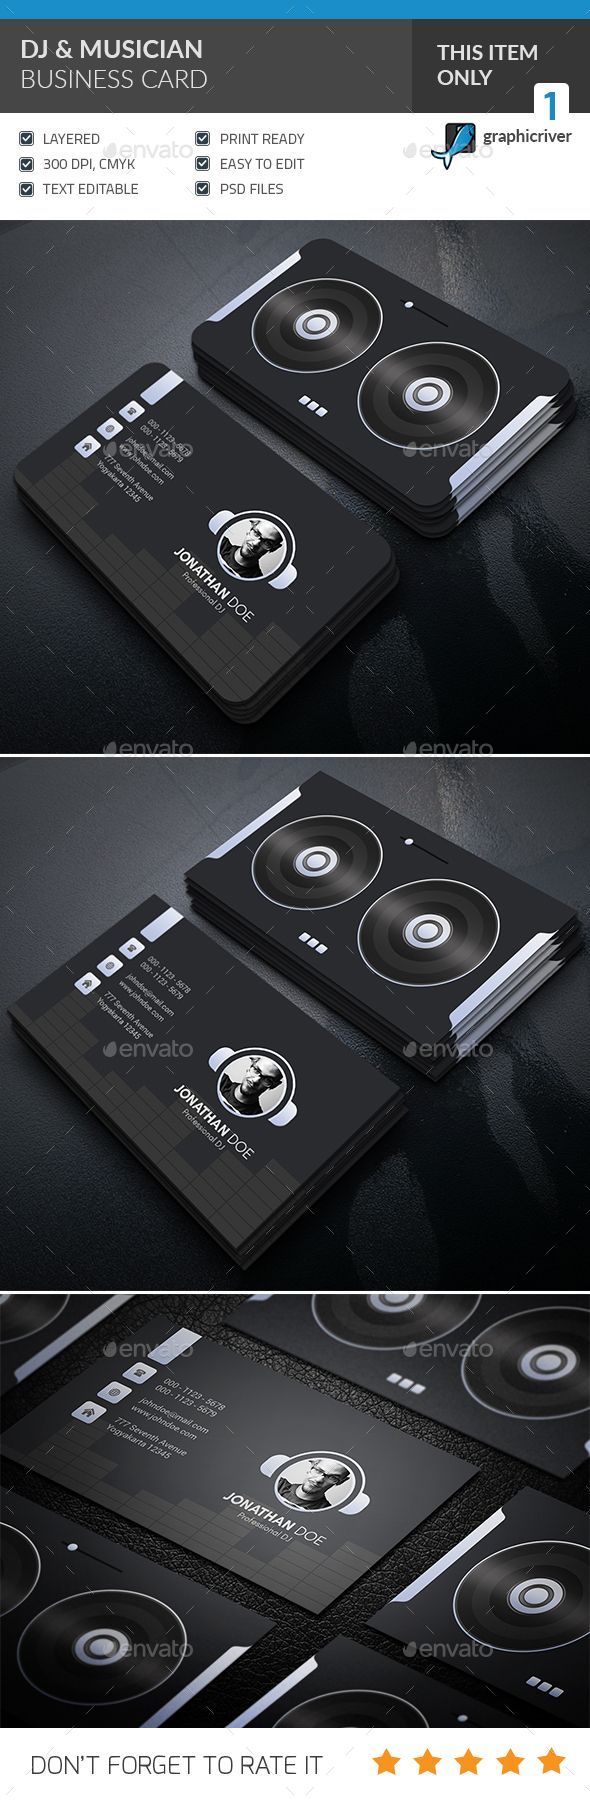 DJ & Musician Business Card Design - Corporate Business Card Template PSD. Download here: https://graphicriver.net/item/dj-musician-business-card-/16936430?s_rank=1&ref=yinkira